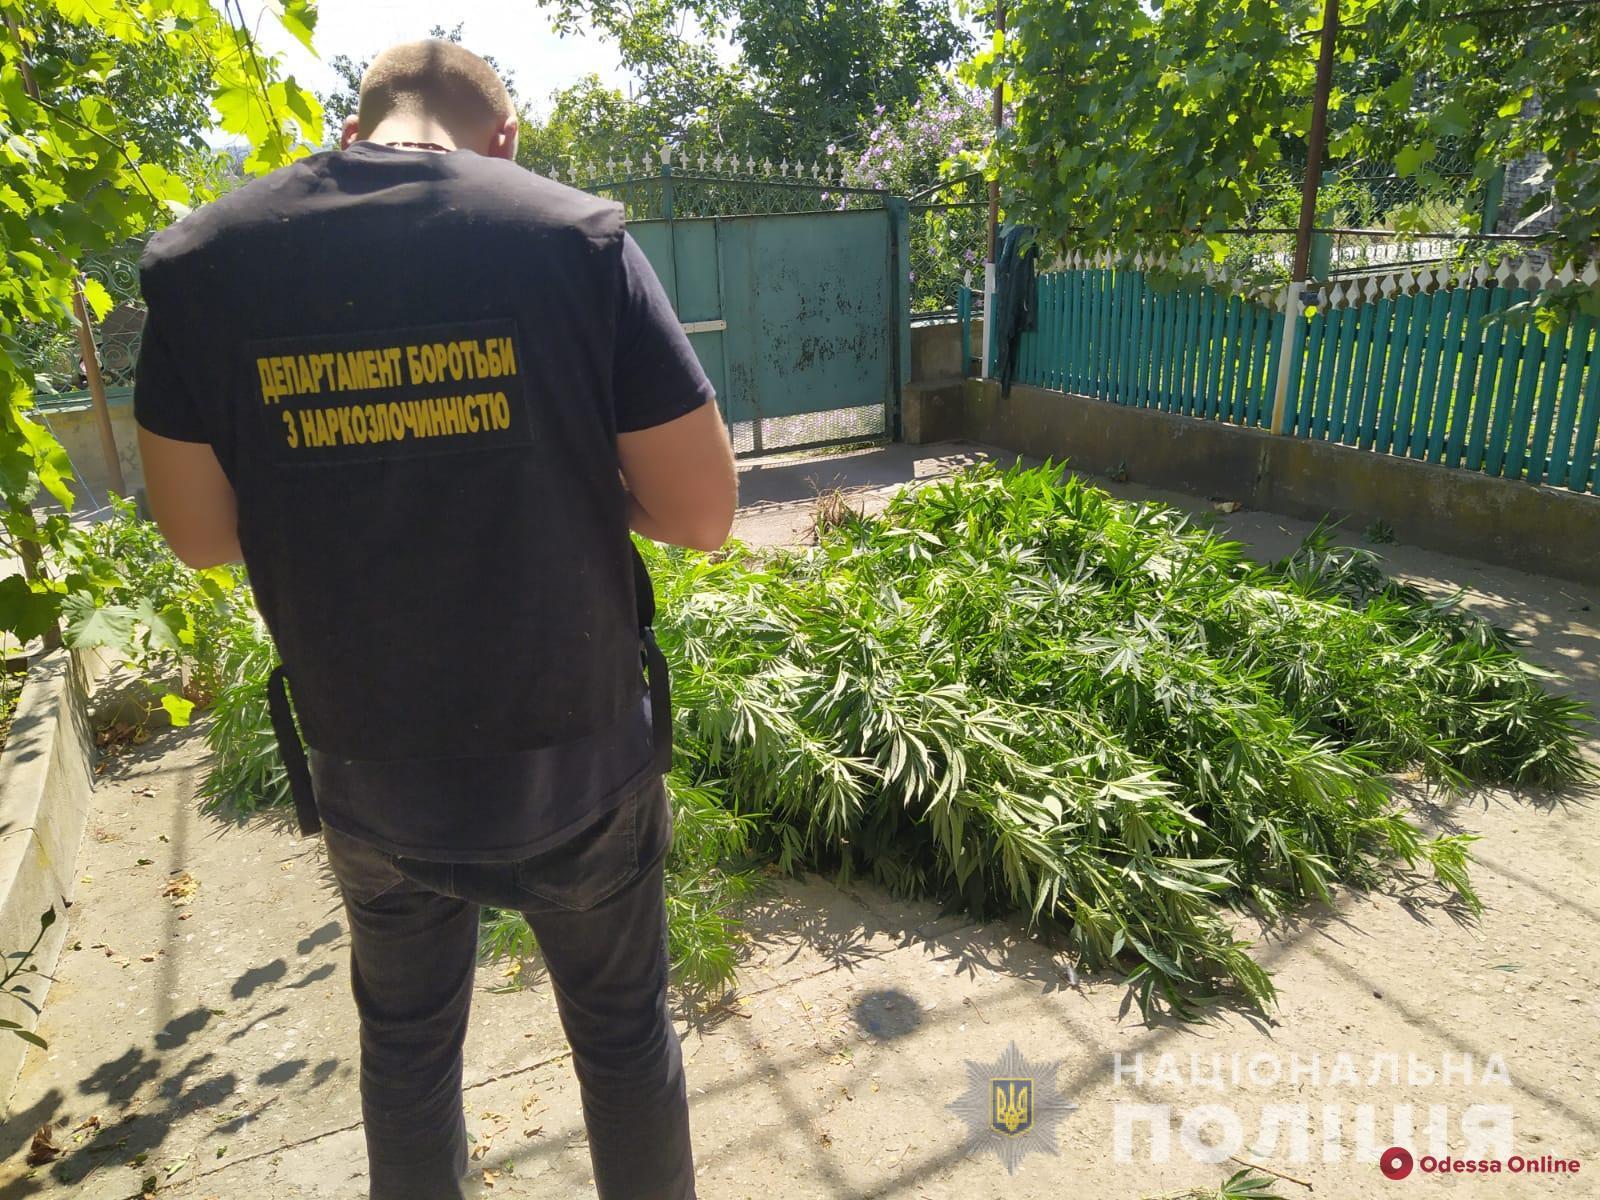 Выращивали «травку», хранили патроны и безакцизный табак: силовики разоблачили пятерых жителей Измаильского района